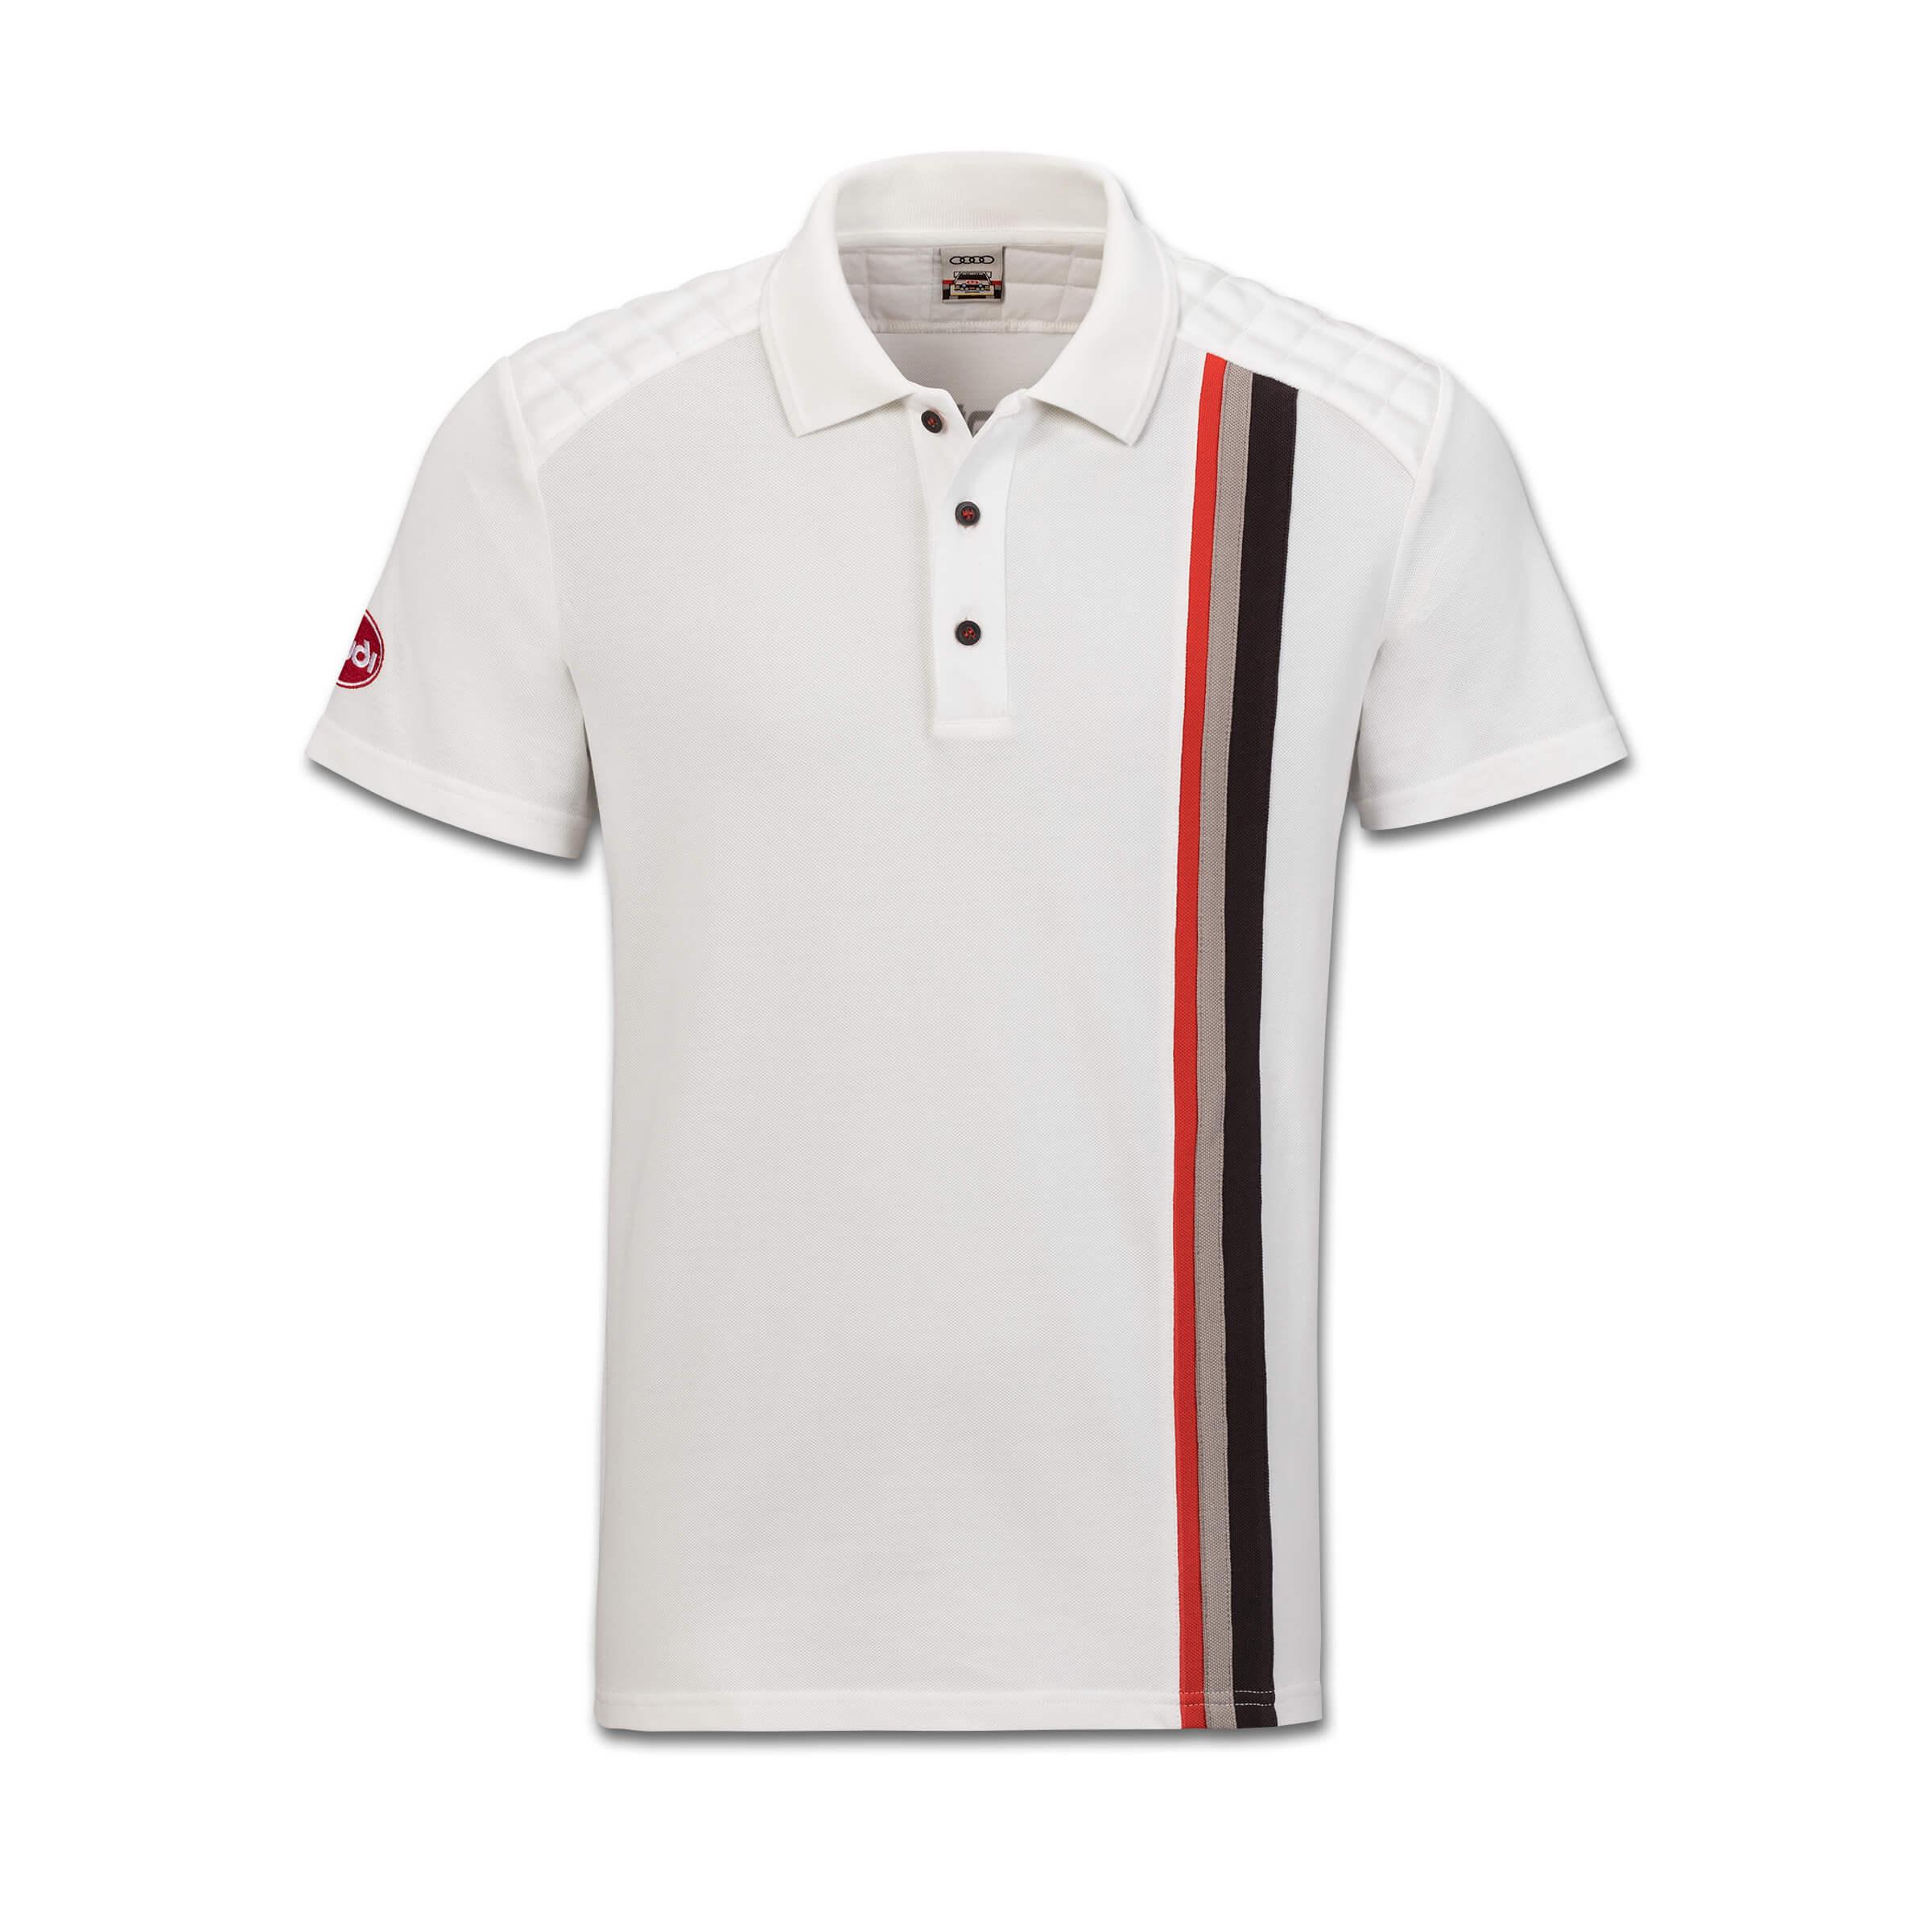 Audi originales deporte GmbH Heritage camiseta polo señores offwhite S M L XL XXL